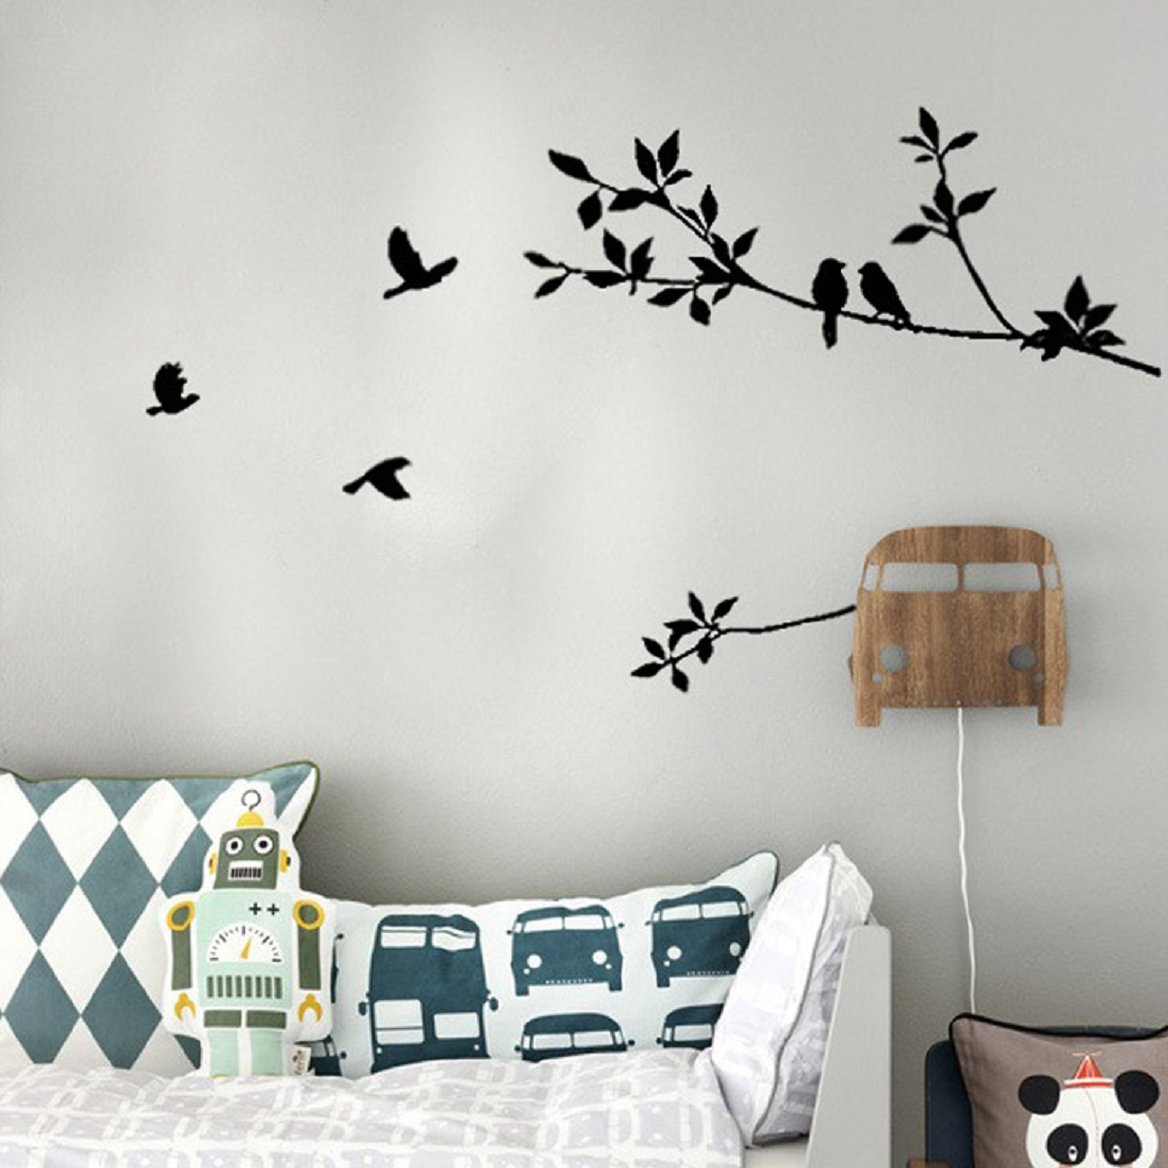 Decorazioni parete cucina : decorazioni pareti cucina. decorazioni ...